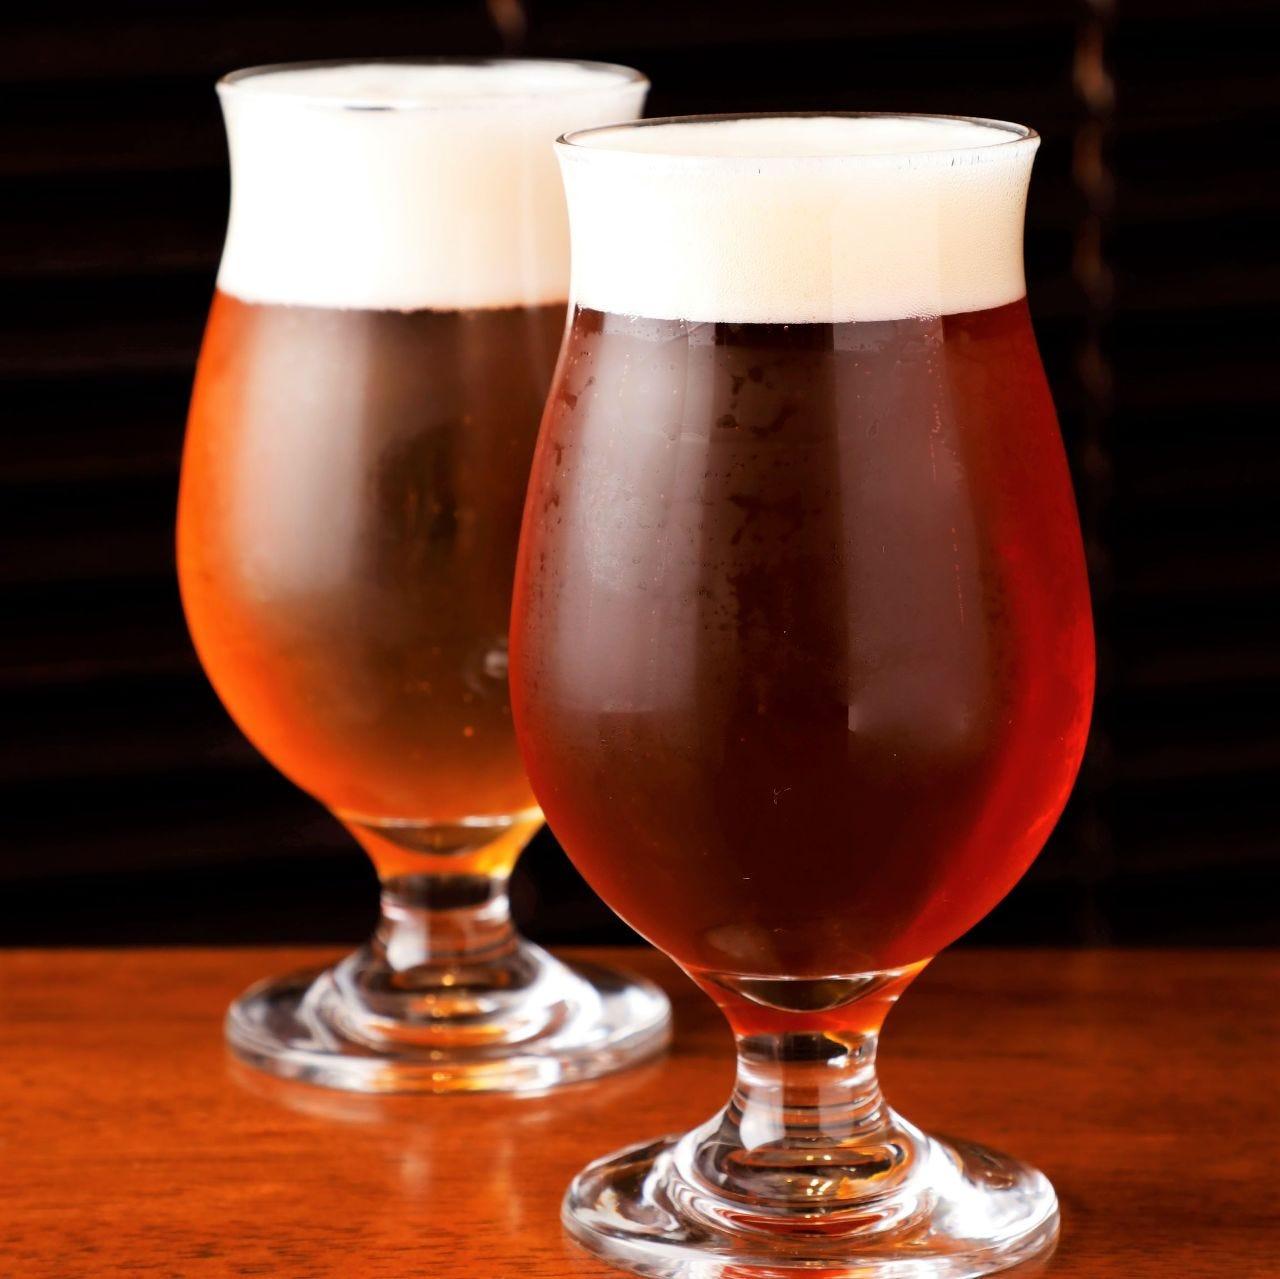 季節のクラフトビールを楽しめます!